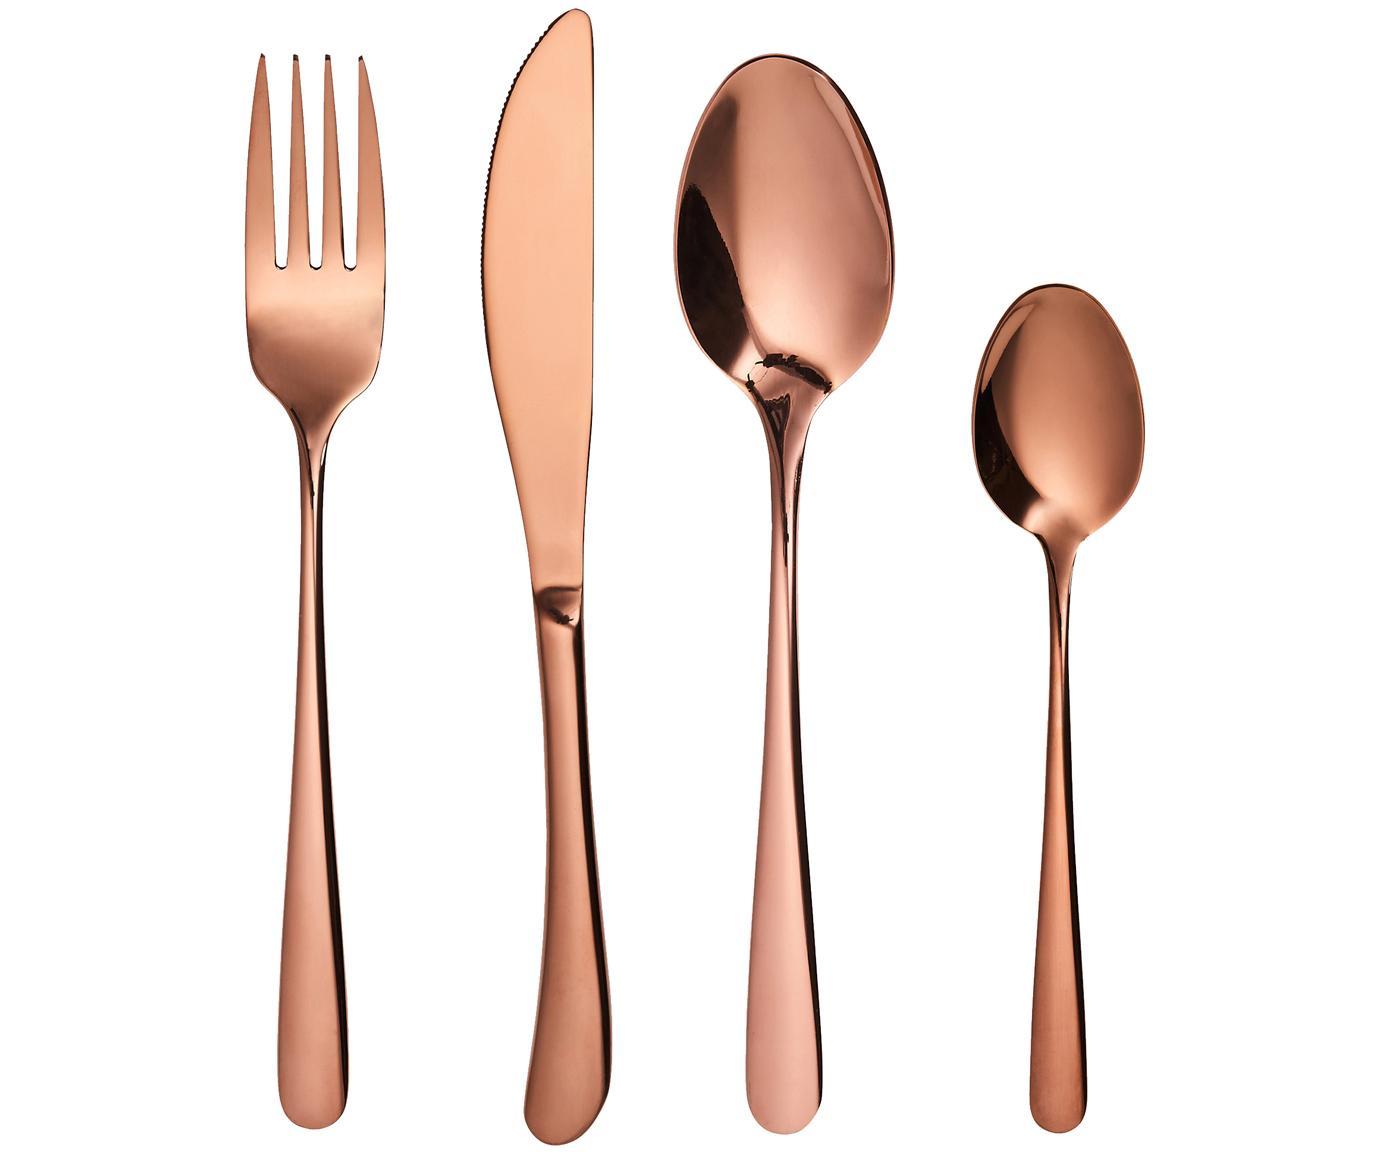 Set 4 posate rosa dorate in acciaio inossidabile Queens, Acciaio inossidabile rivestito, Rosa dorato, Diverse dimensioni